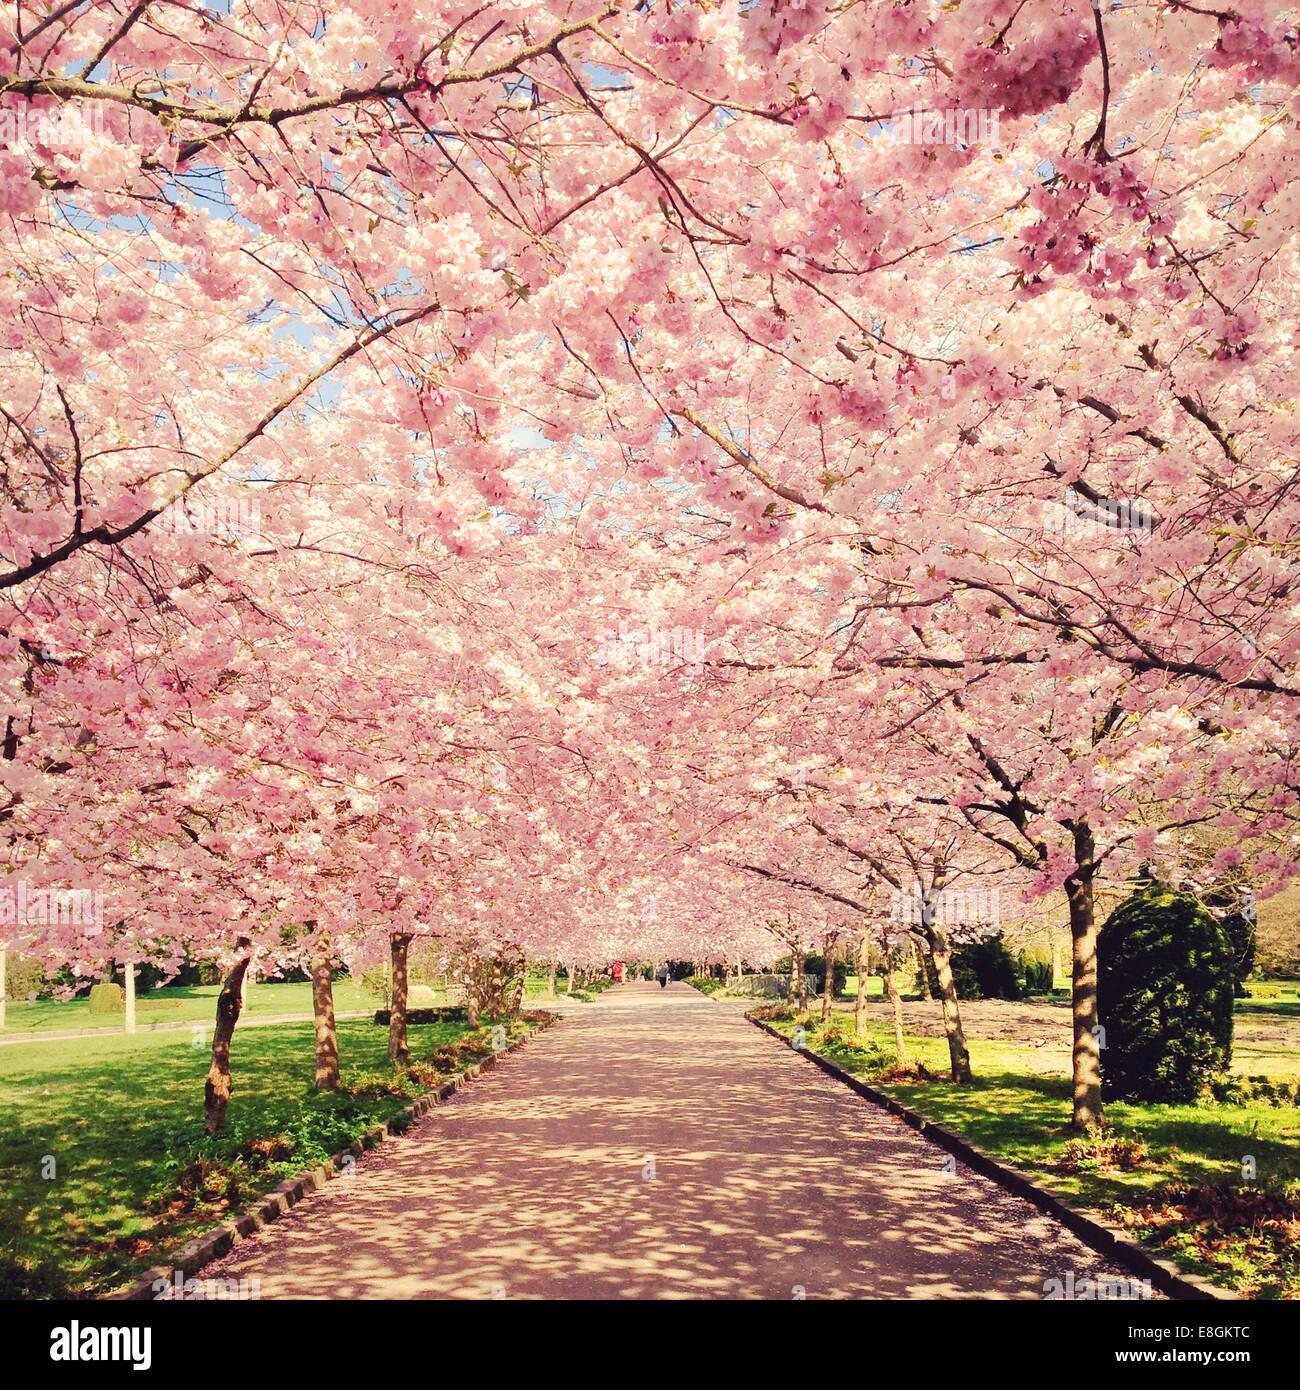 Dinamarca, Copenhague, vista de los cerezos en flor Foto de stock